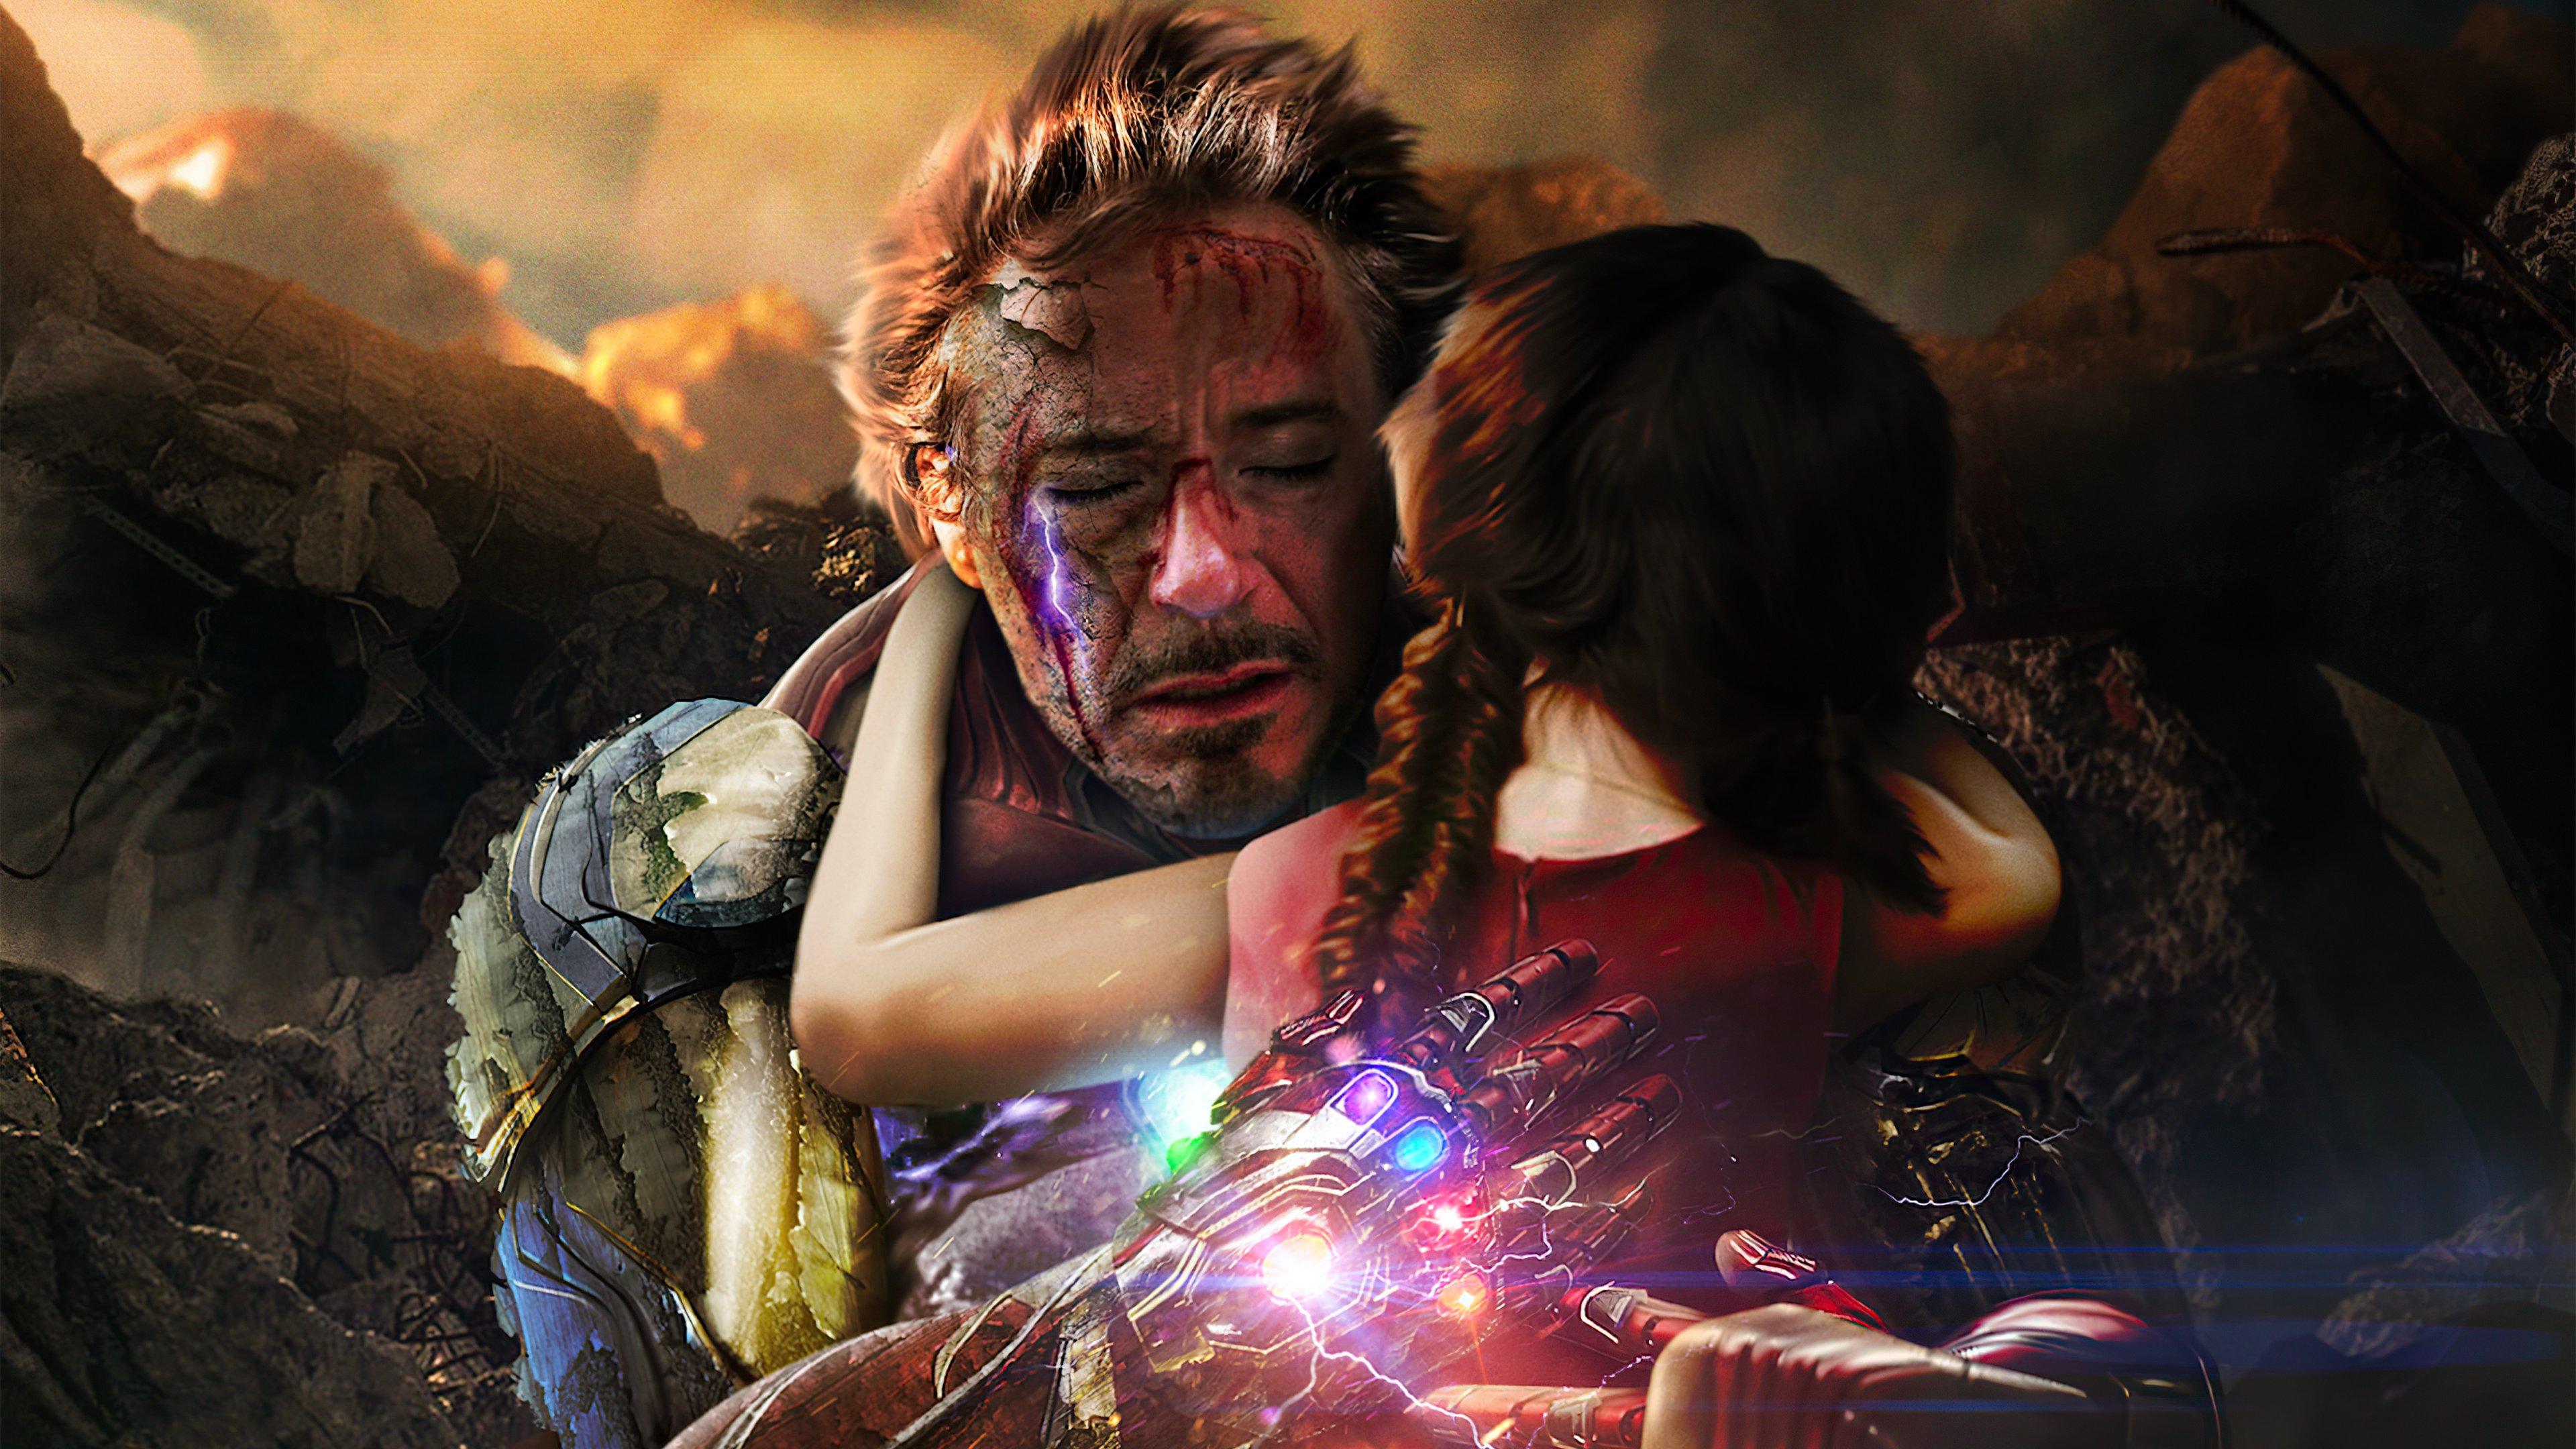 Fondos de pantalla Iron Man Te amo 3000